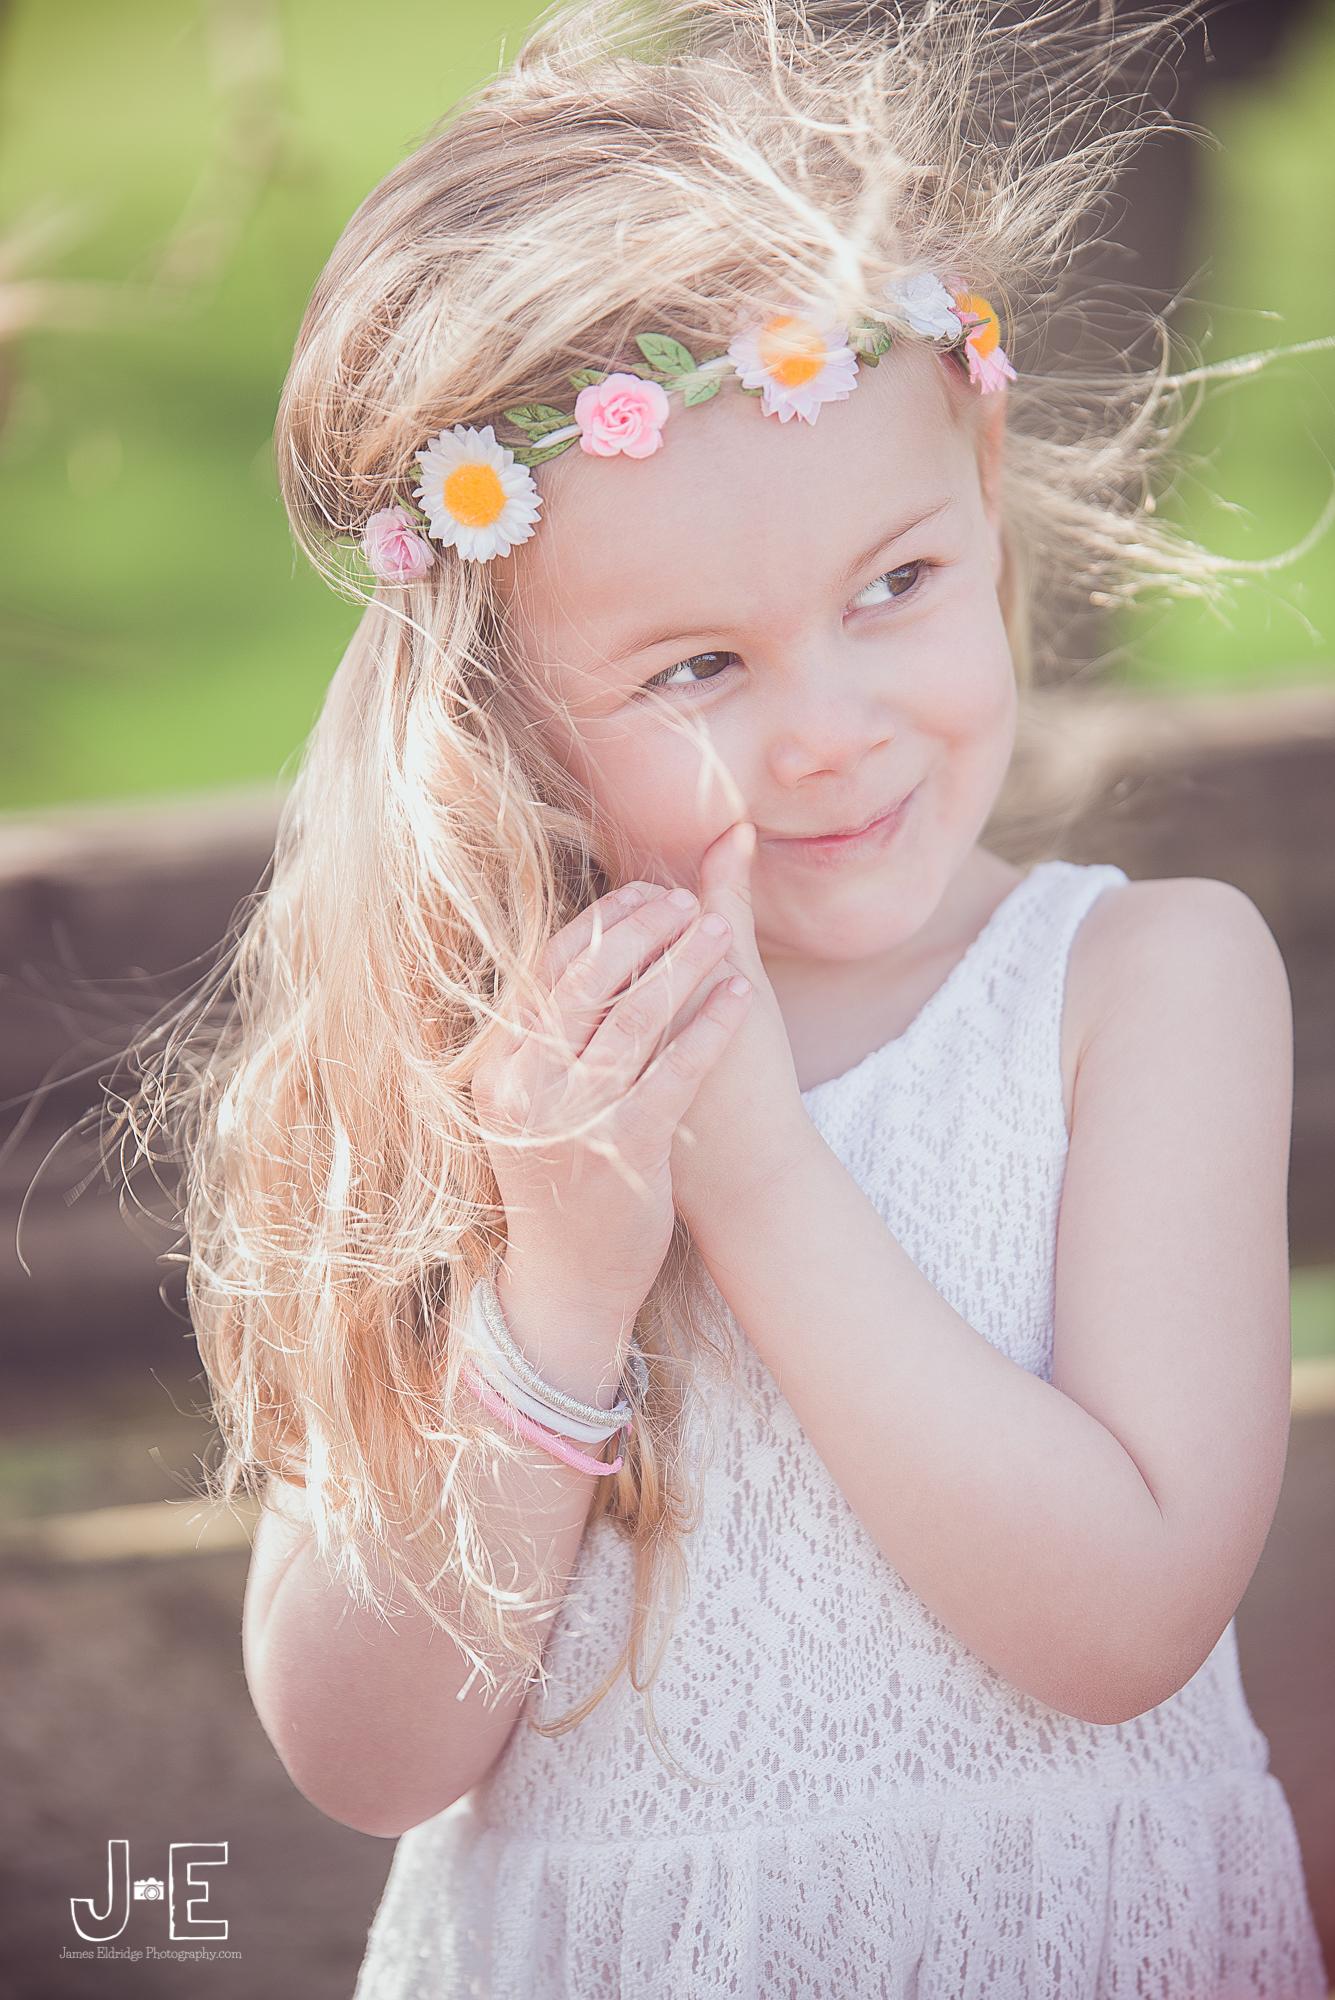 summer child portrait